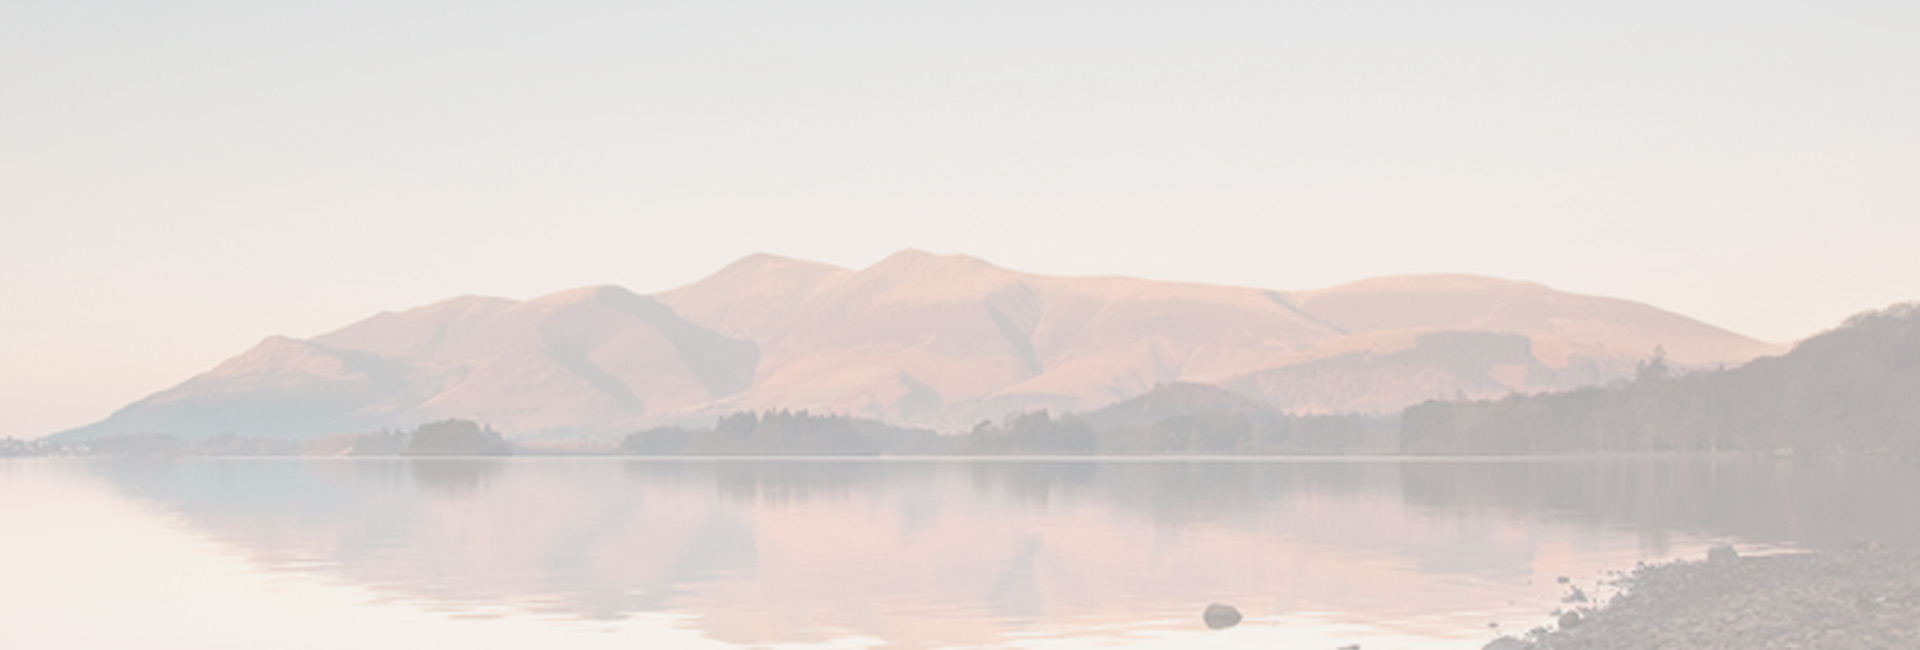 lake-hill